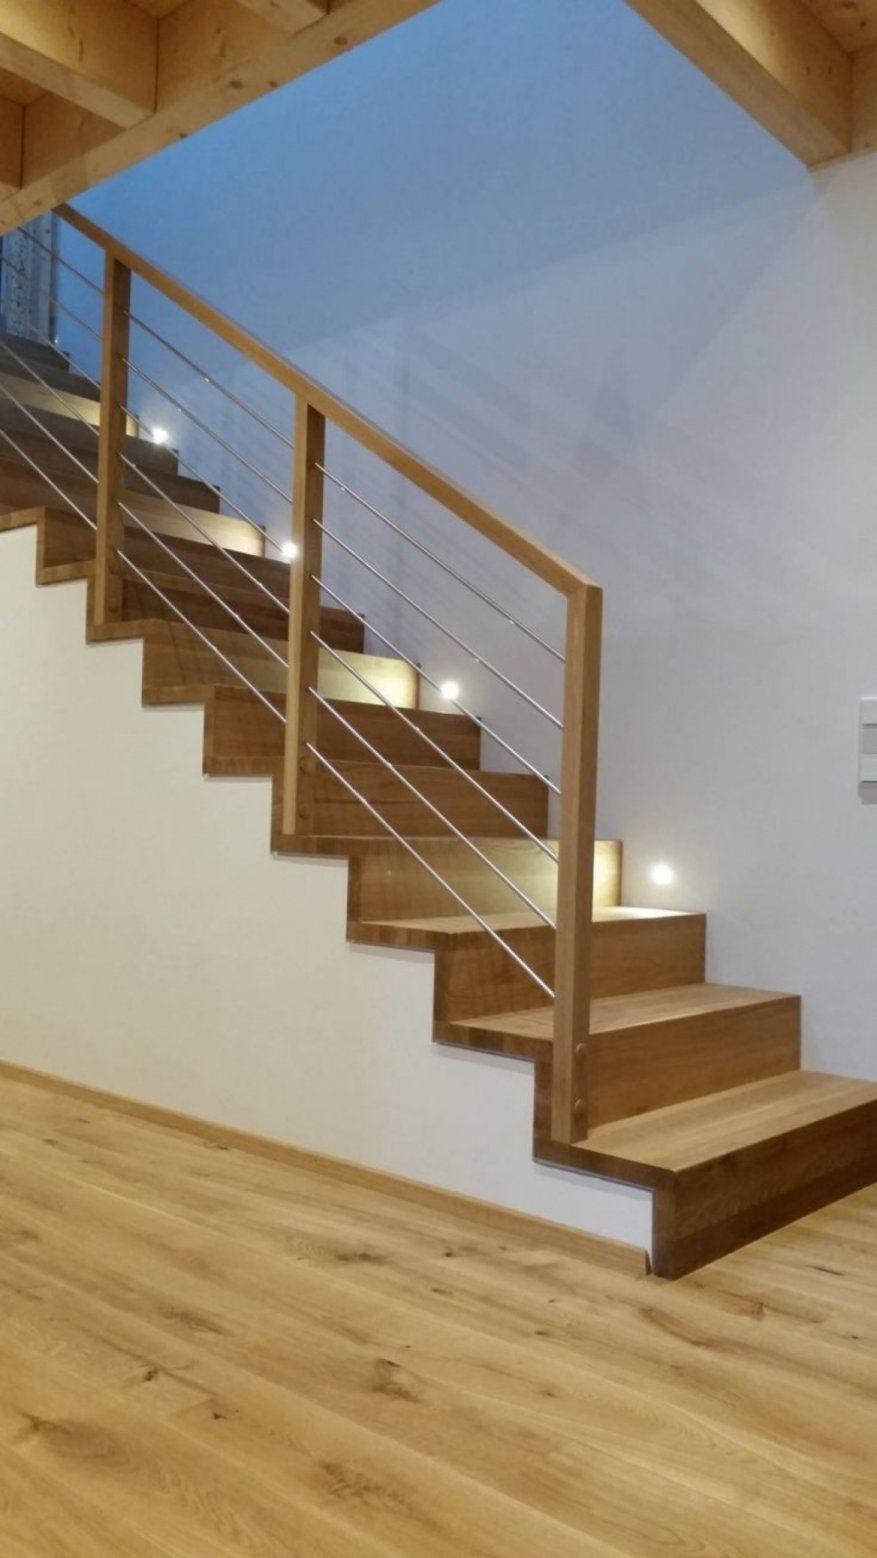 Wunderschöne Treppe Außen Selber Bauen Ehrfurcht Gebietend von Holztreppe Außen Selber Bauen Bild